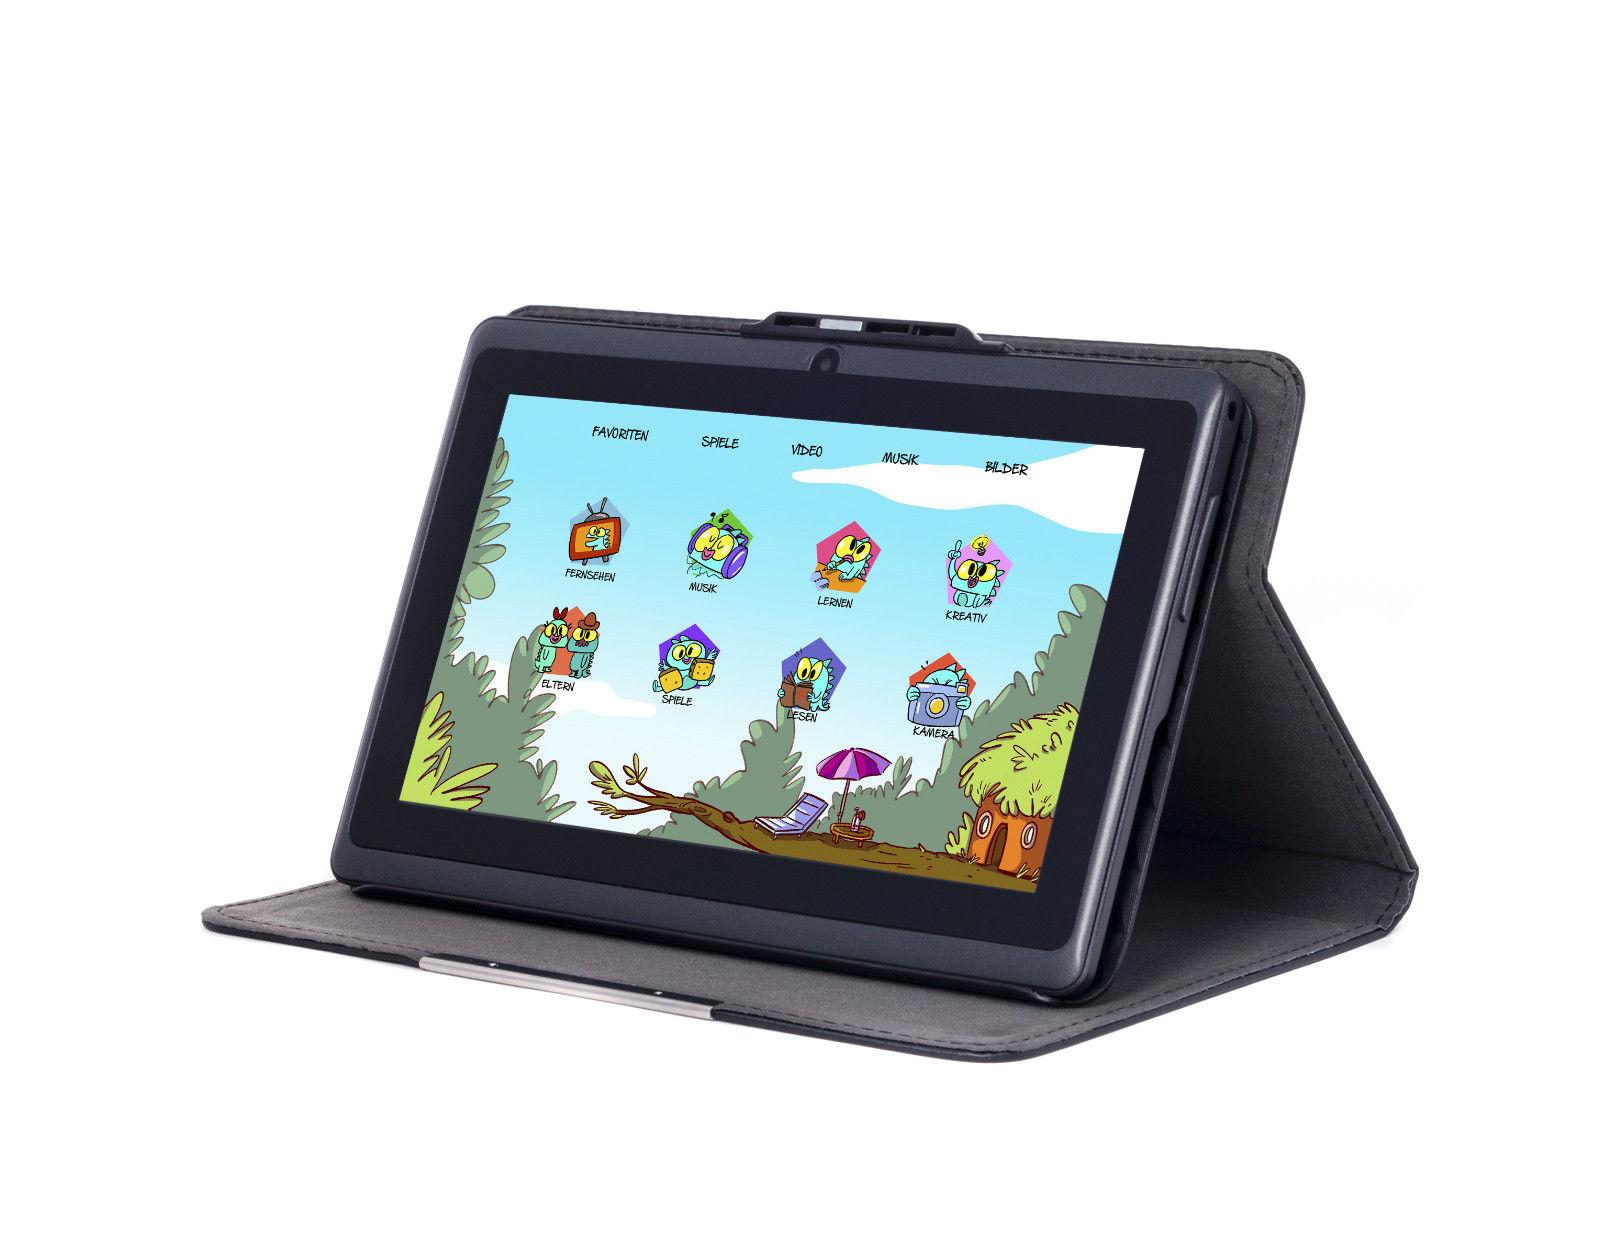 Snakebyte Kids Tablet f2 (Schwarz) - 7 Zoll Android basiertes Tablet für Kinder